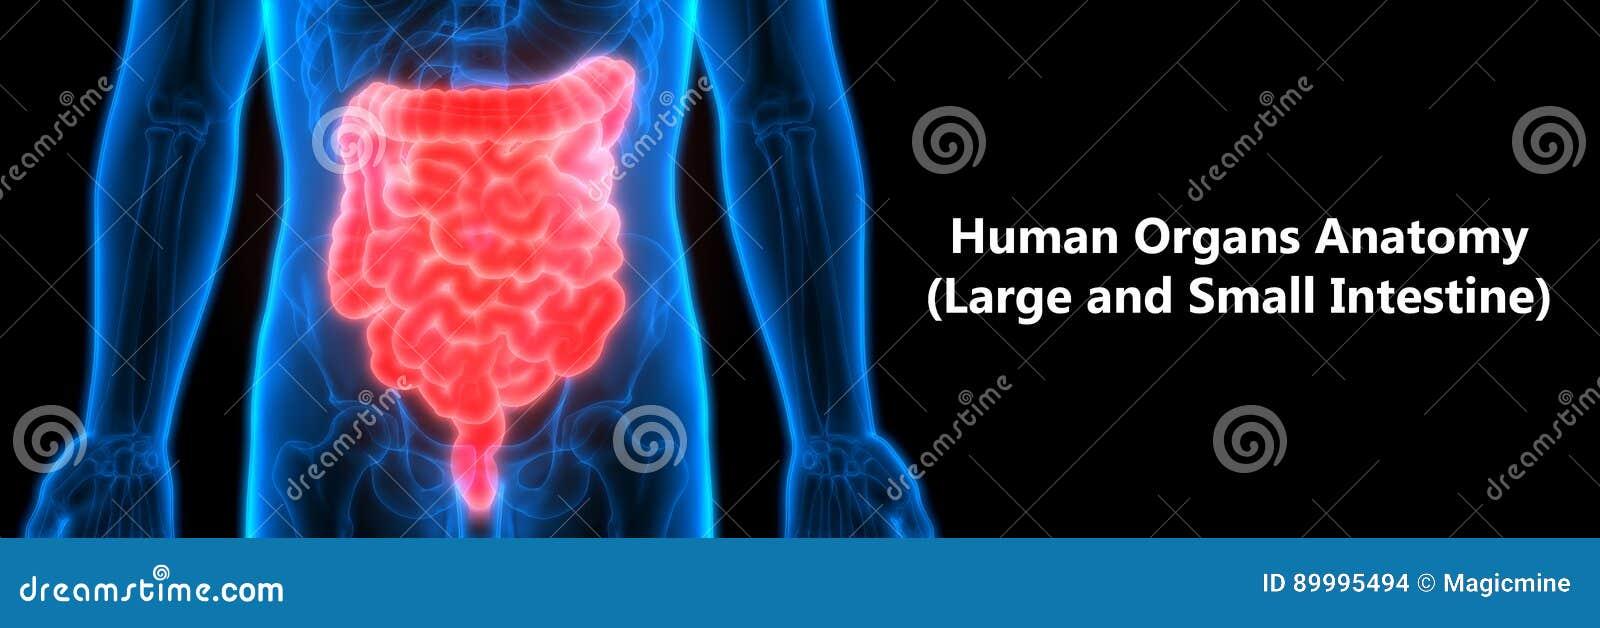 Anatomía Humana Del Sistema Digestivo Grande Y Intestino Delgado ...